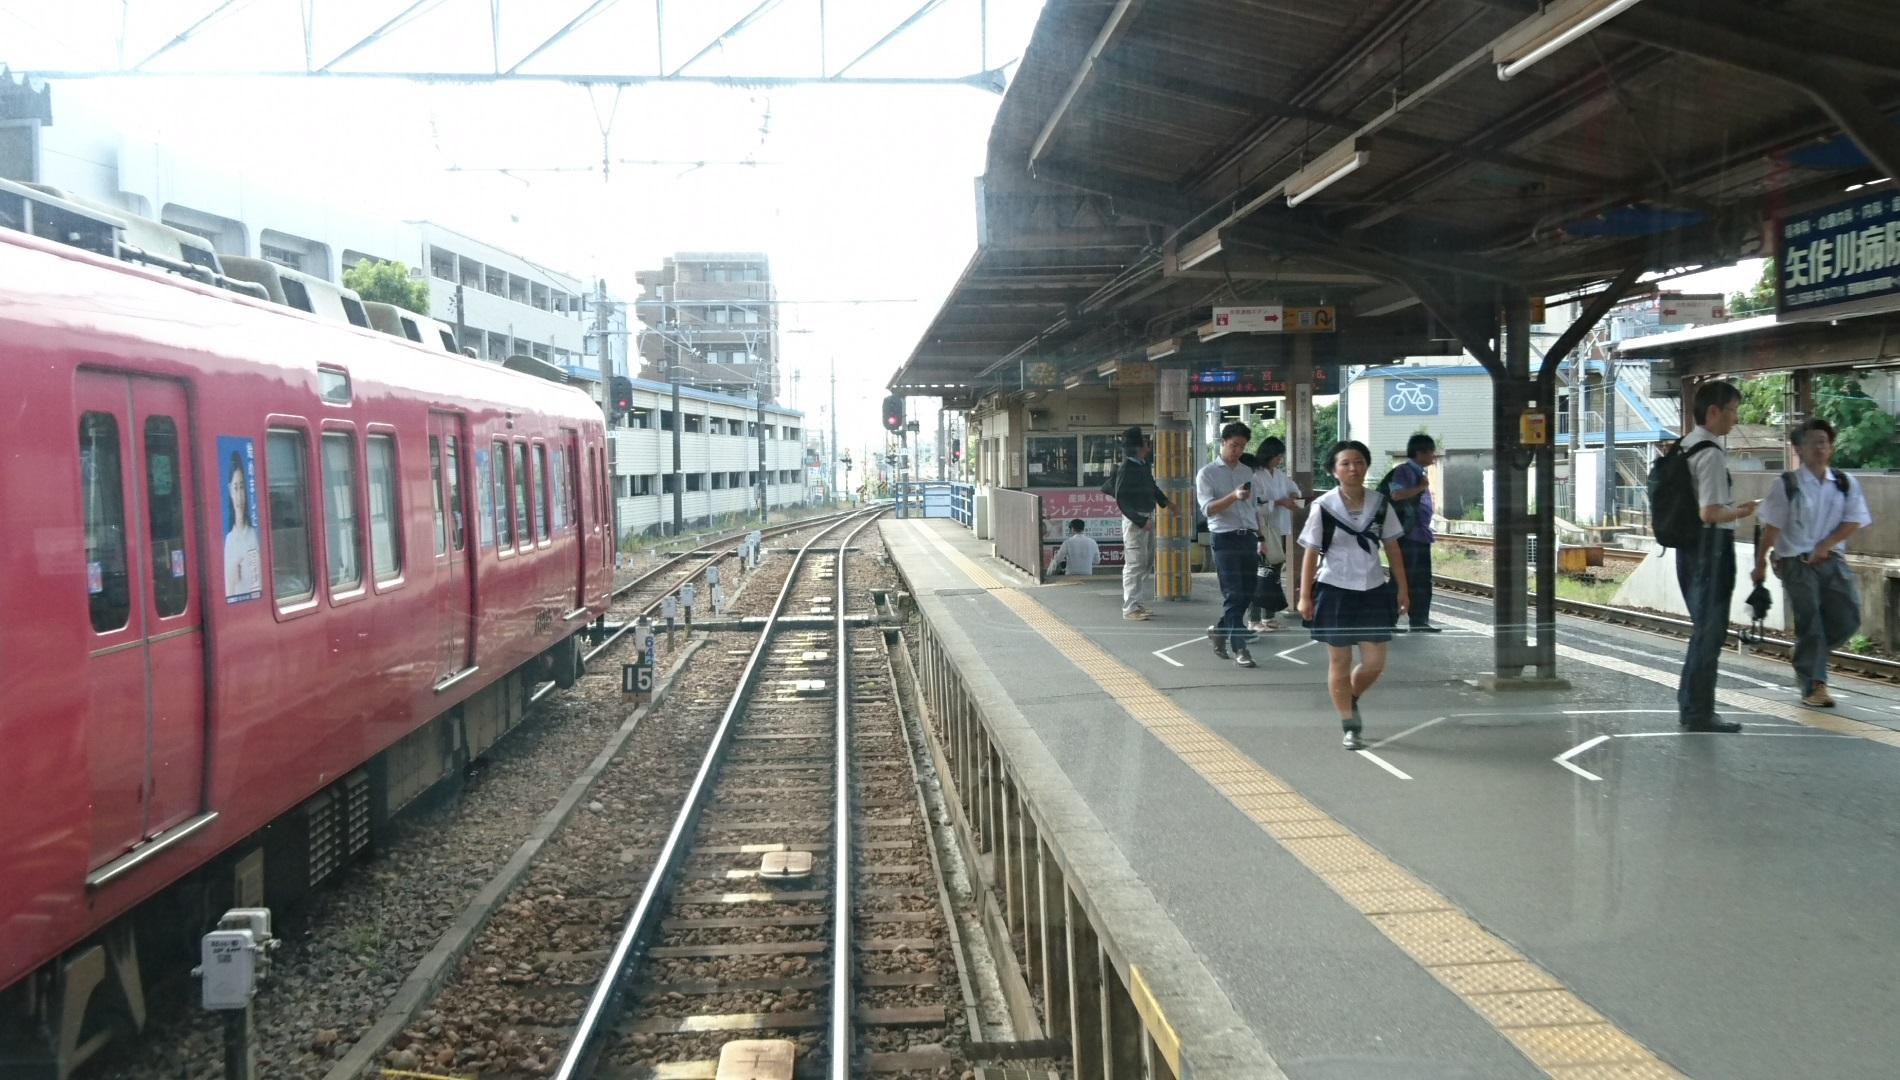 2017.7.13 名鉄 (38) 犬山いきふつう - しんあんじょう 1900-1080